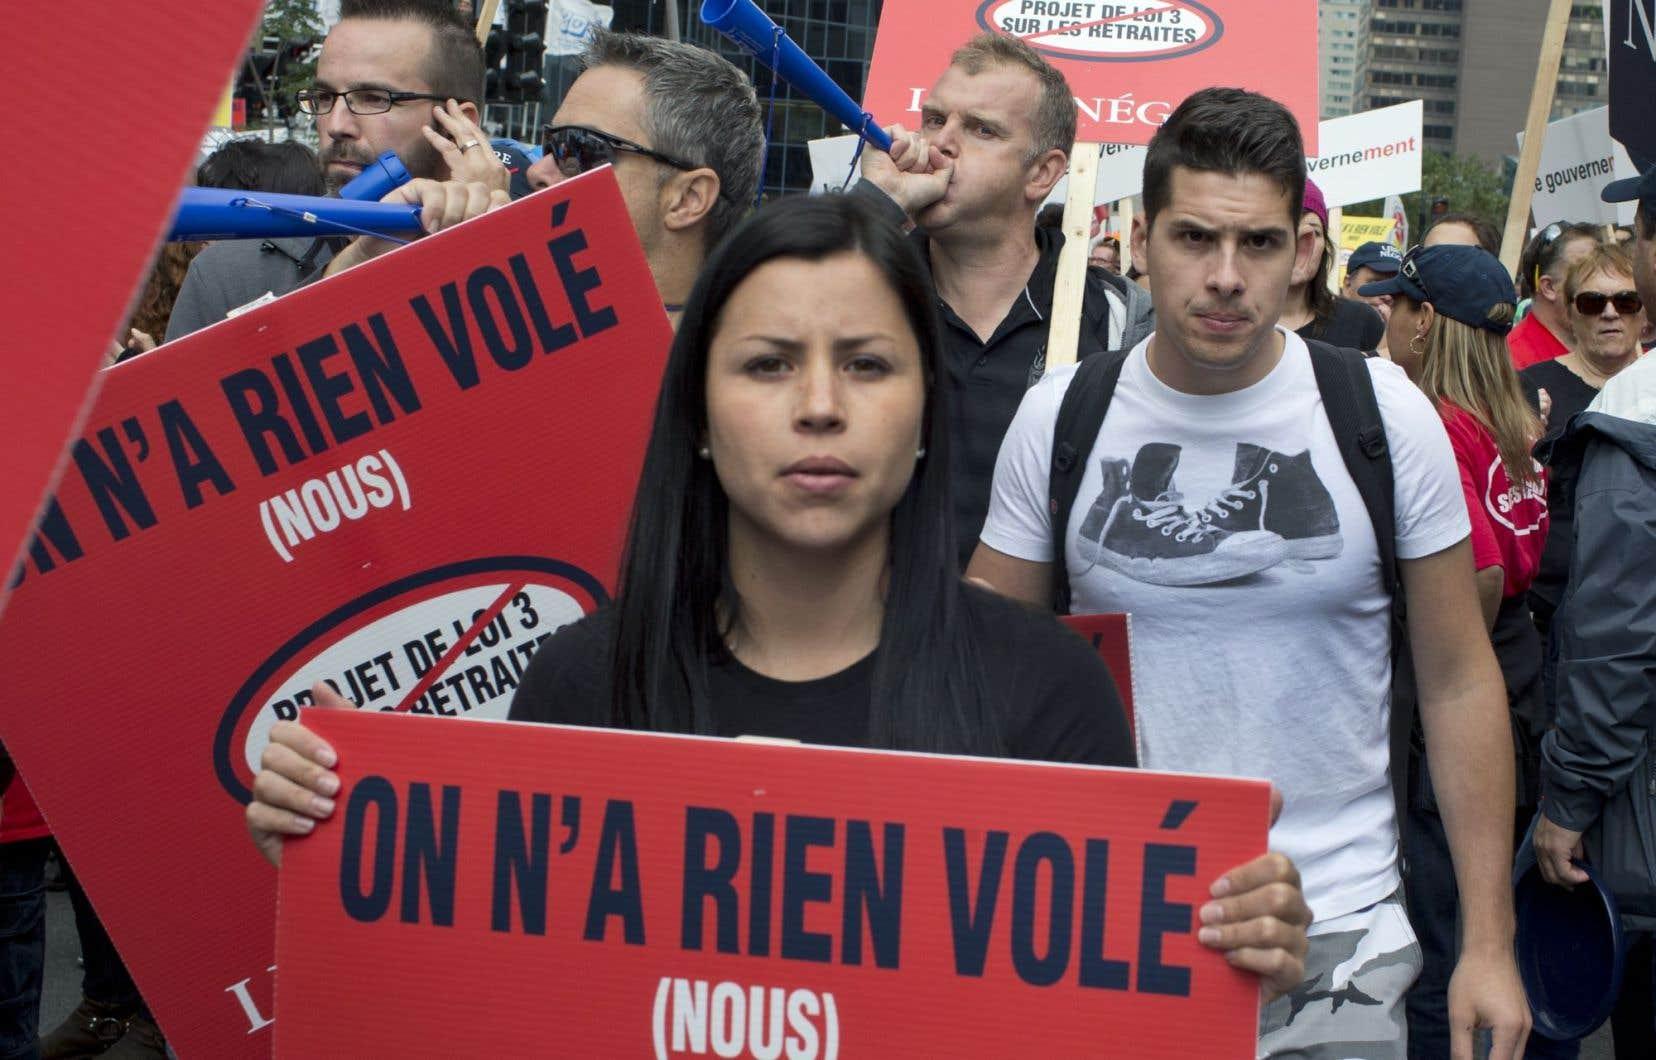 De nombreuses pancartes aux couleurs de la Coalition arboraient le slogan «On n'a rien volé (nous)».